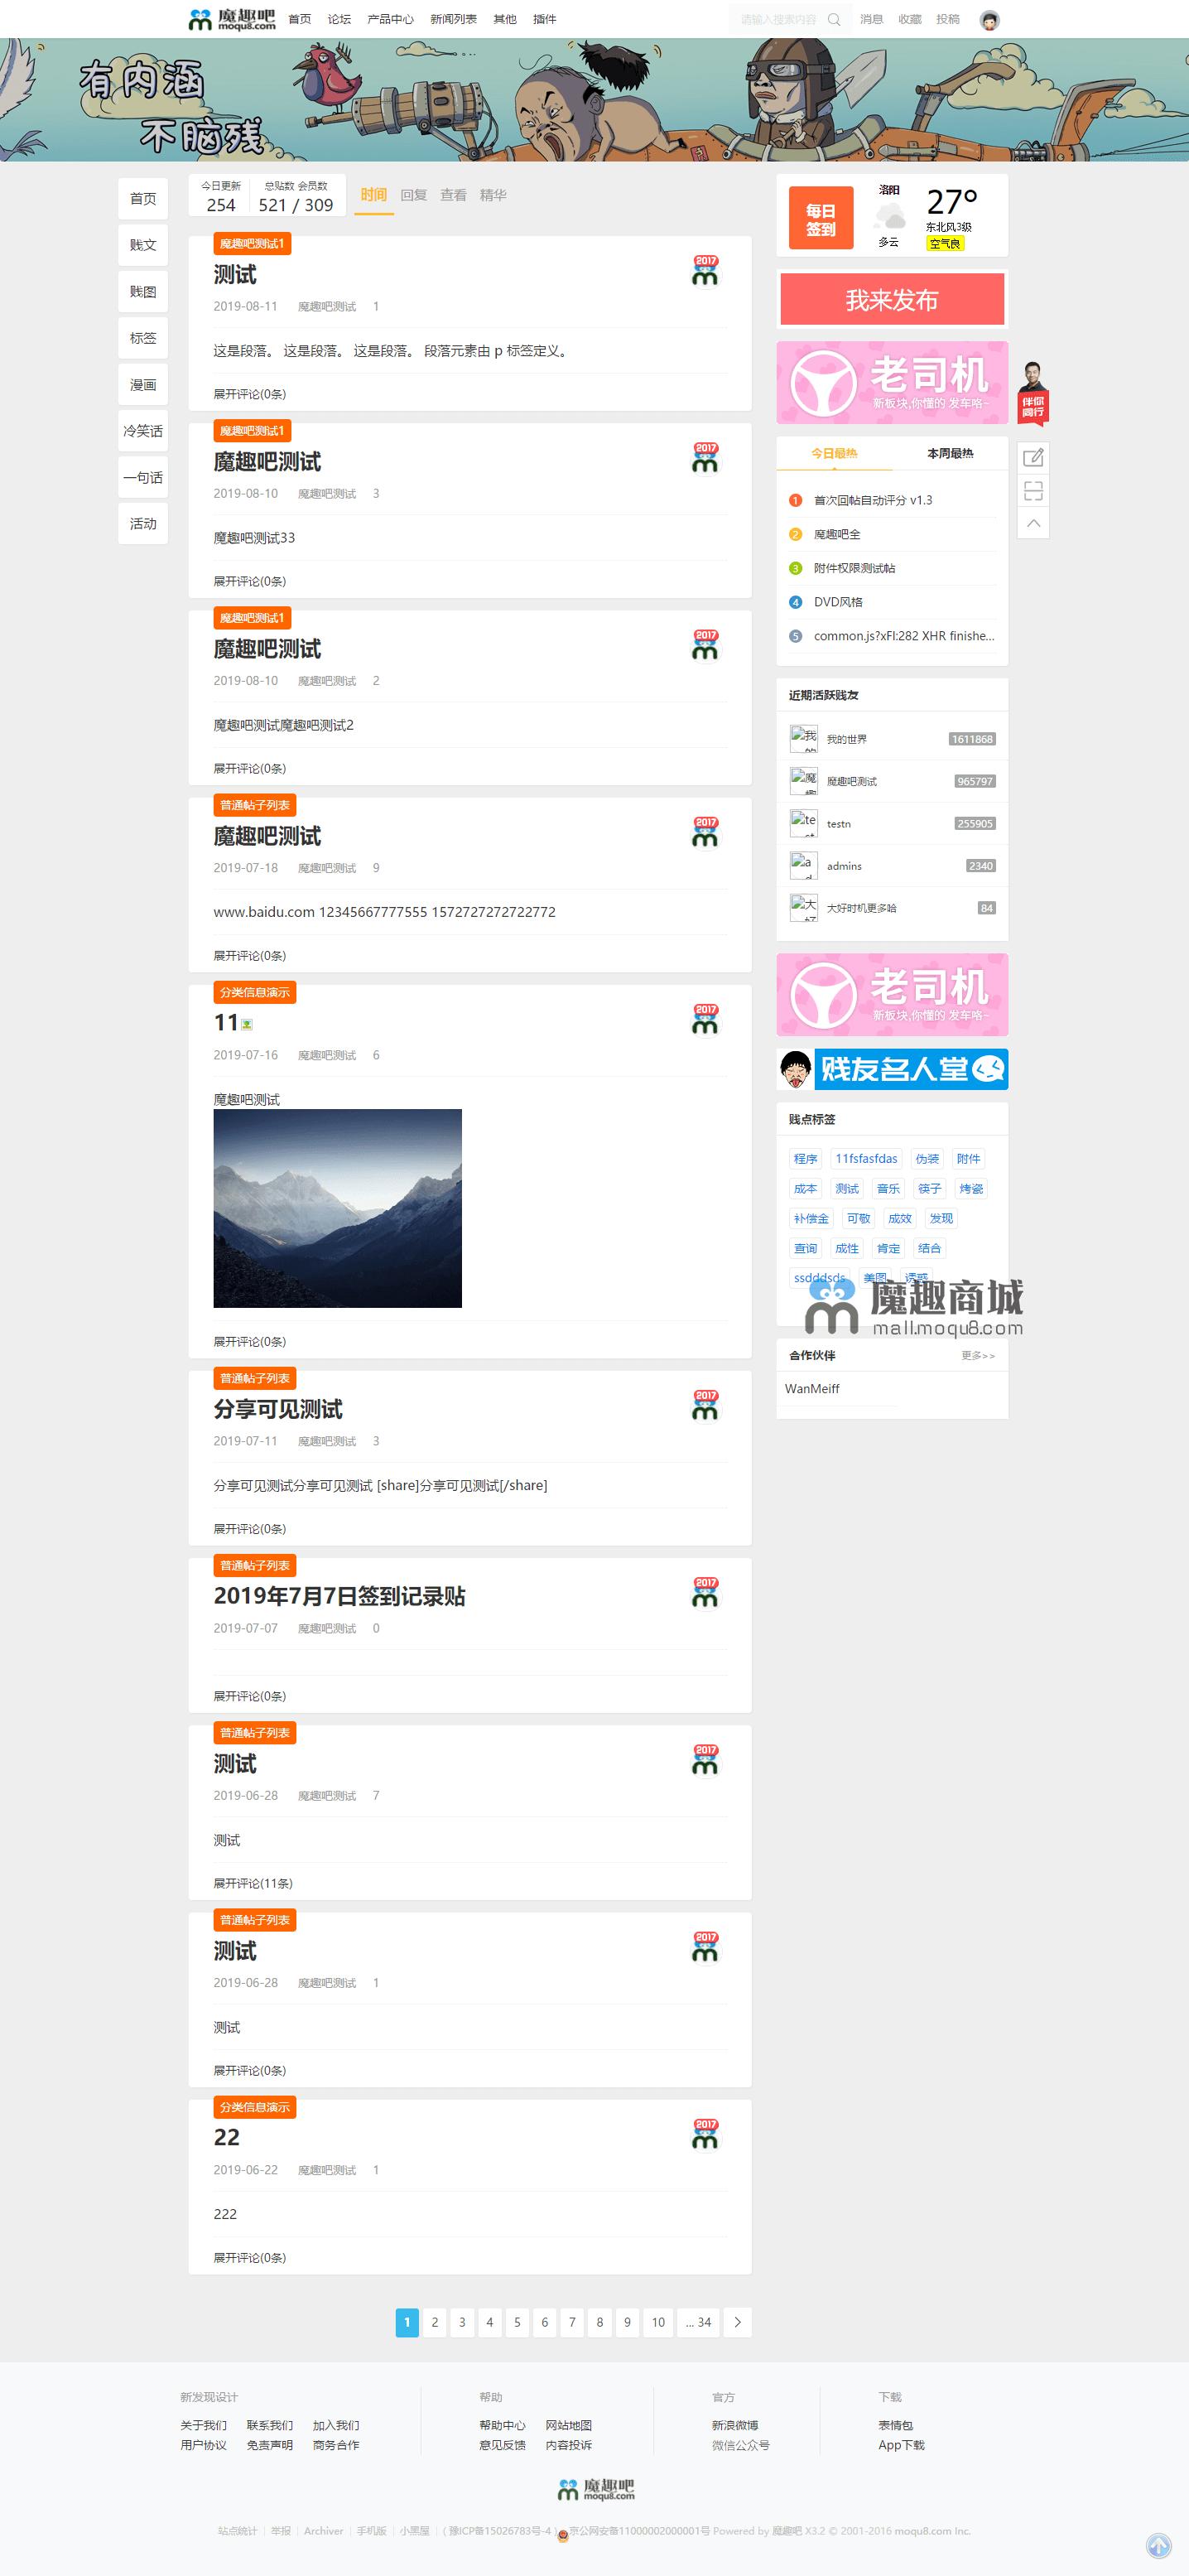 内涵段子/笑话大全/资讯模板全功能版